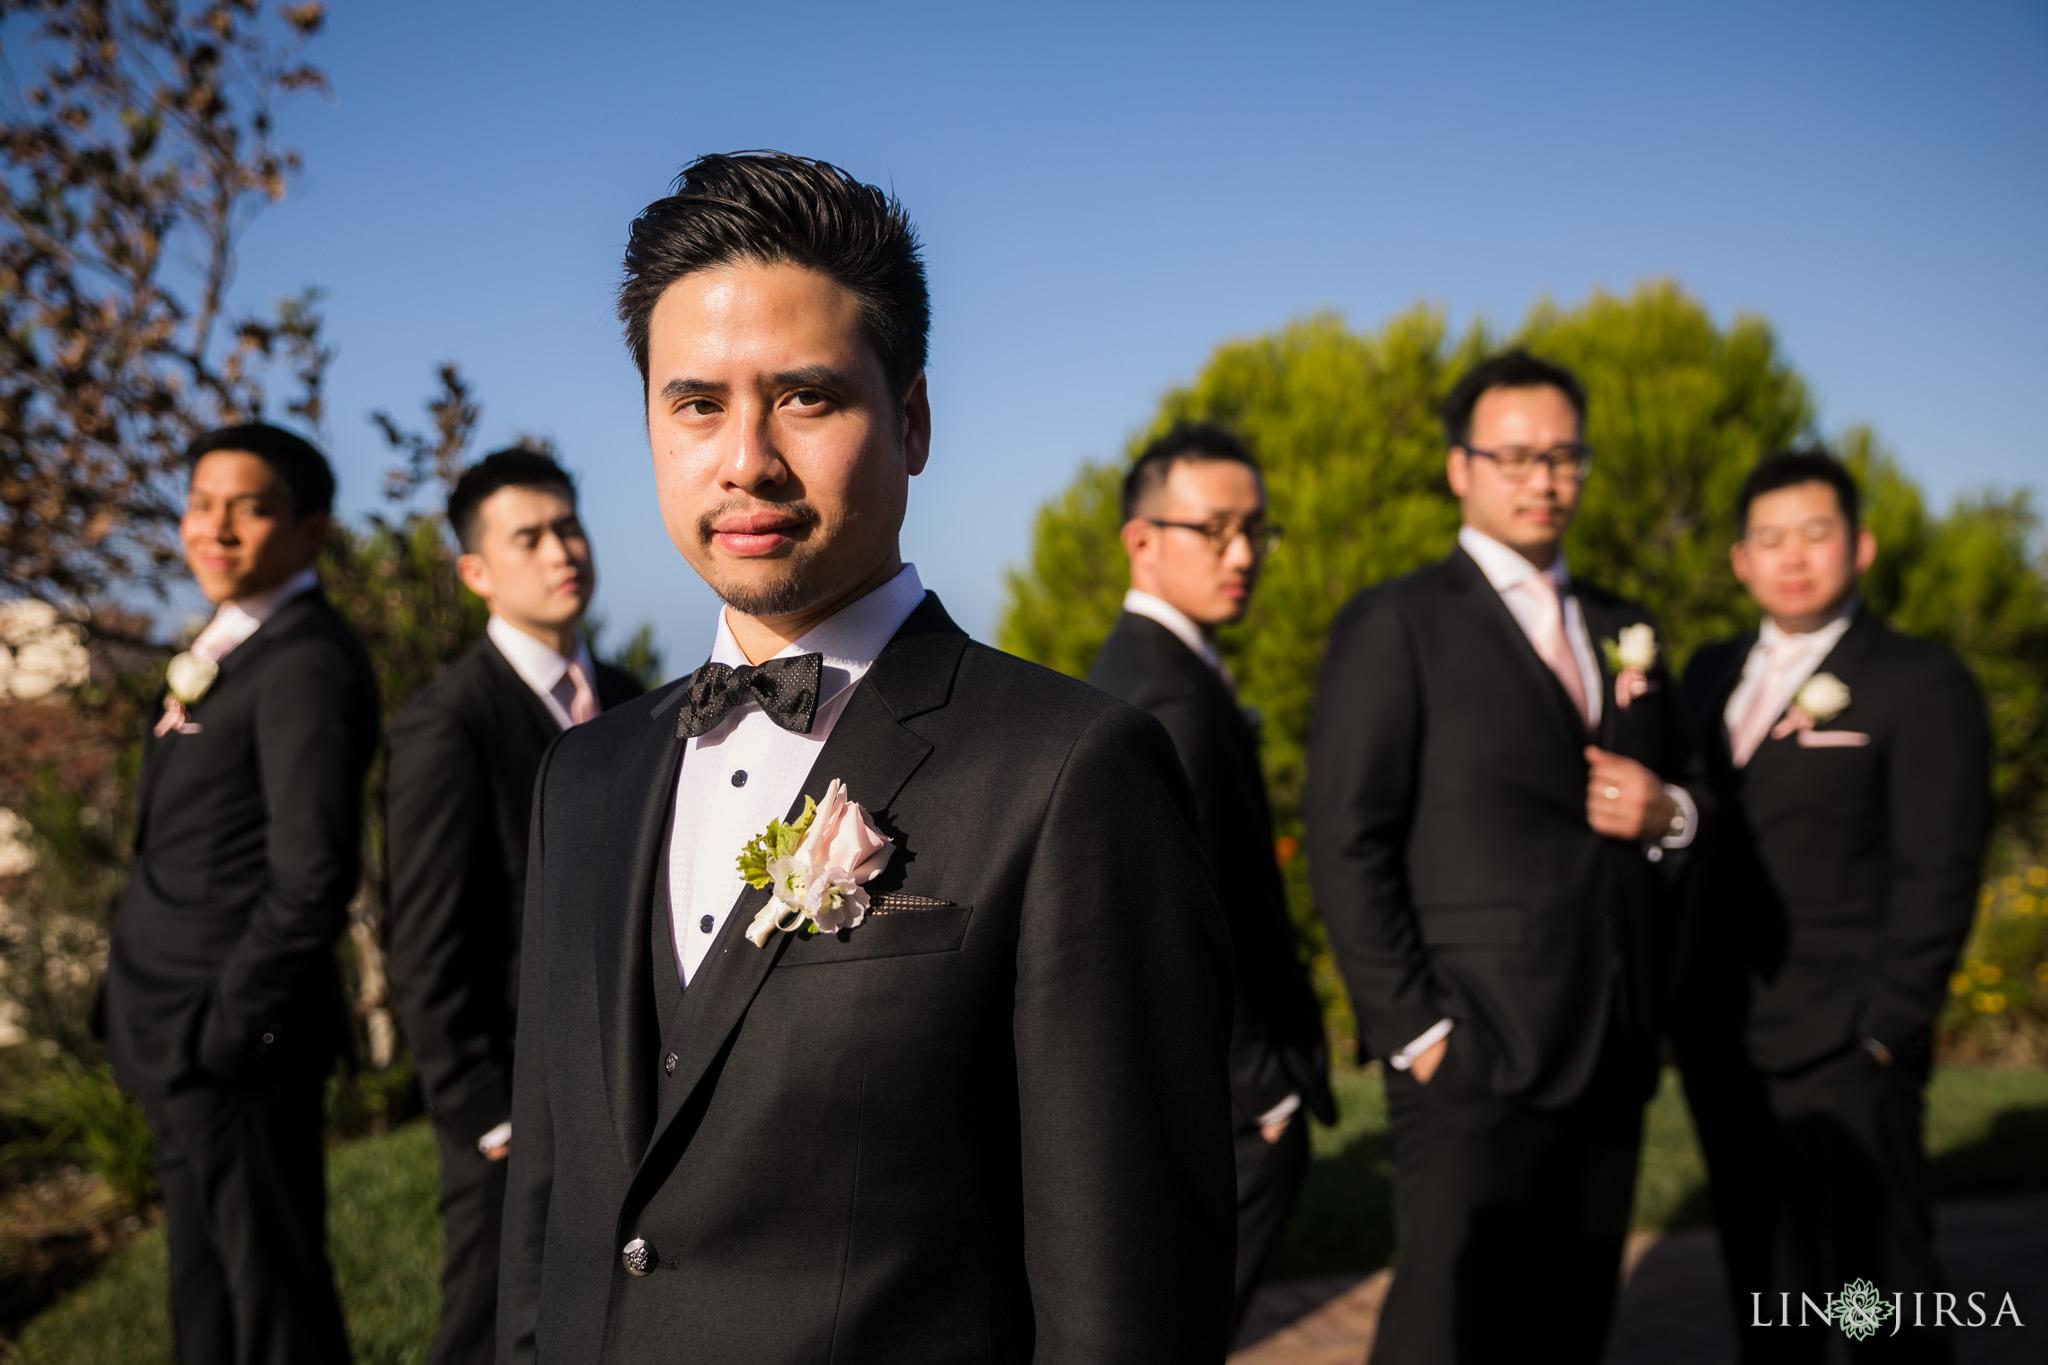 10 terranea resort groomsmen wedding photography